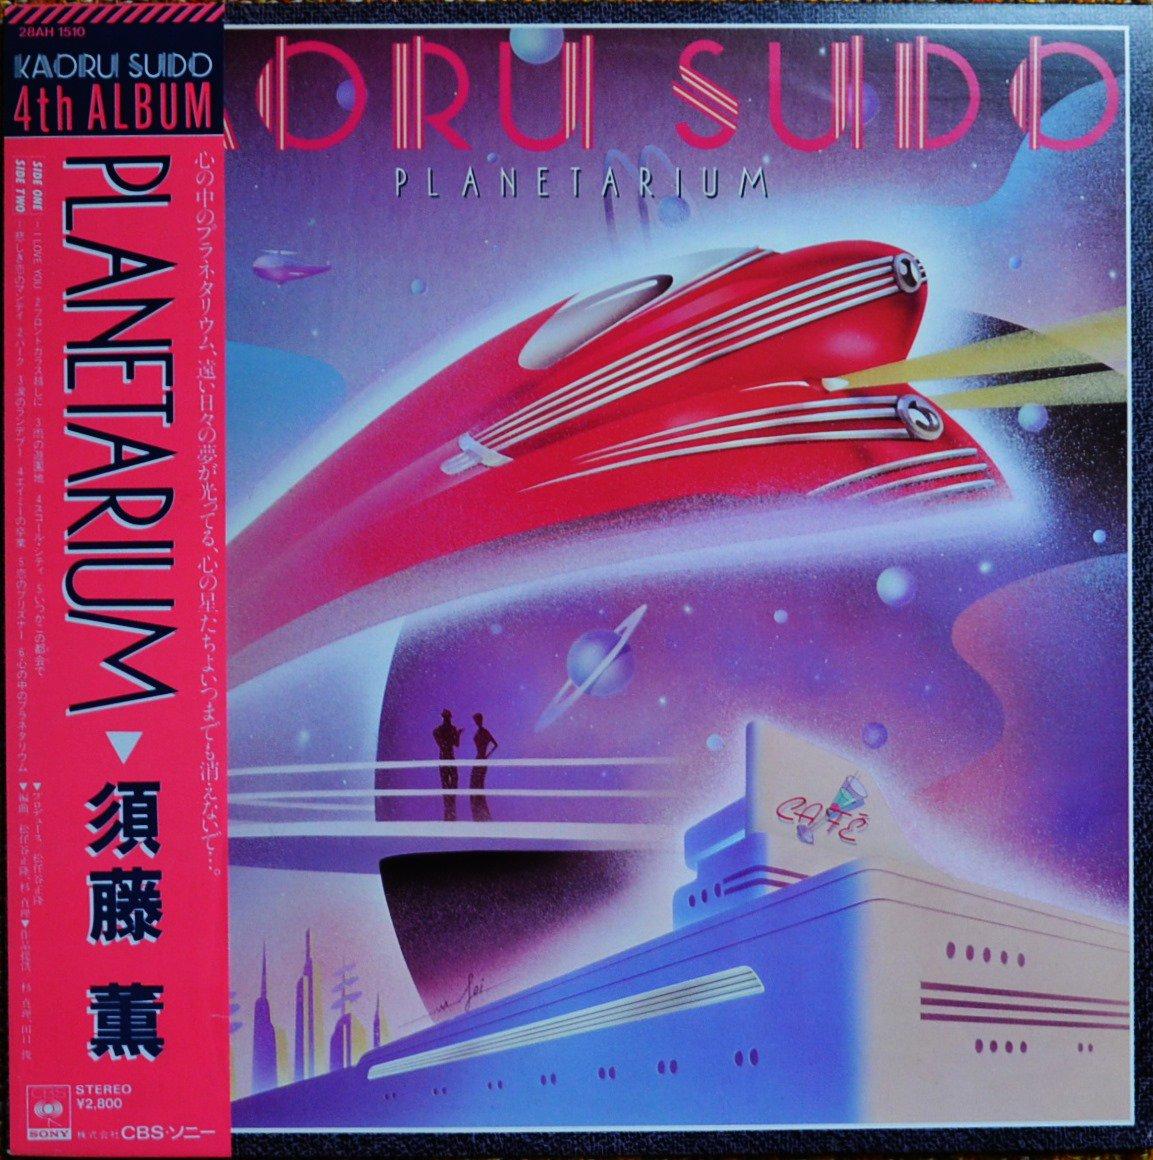 須藤 薫 KAORU SUDO / プラネタリウム PLANETARIUM (LP)